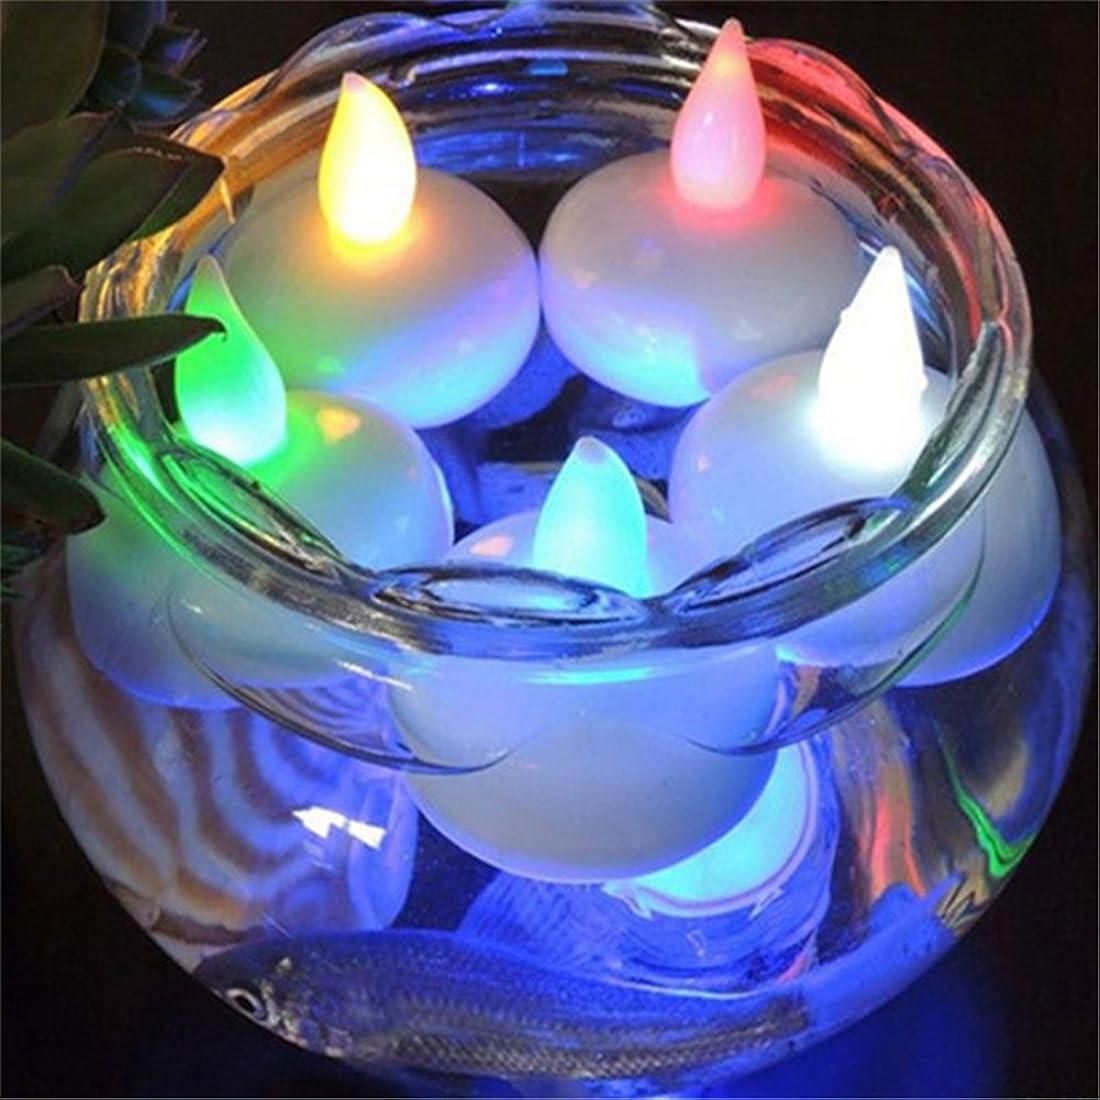 洗練されたコイン換気zsl LEDキャンドル 水センサーライトキャンドル 水に浮かぶ時に自動点灯!! キャンドルライト 防水フローティングライト LED 蝋燭 自然な灯り クリスマス/パーティー/結婚式/誕生日等の用品 ボタン電池付き 12個入り (7色)